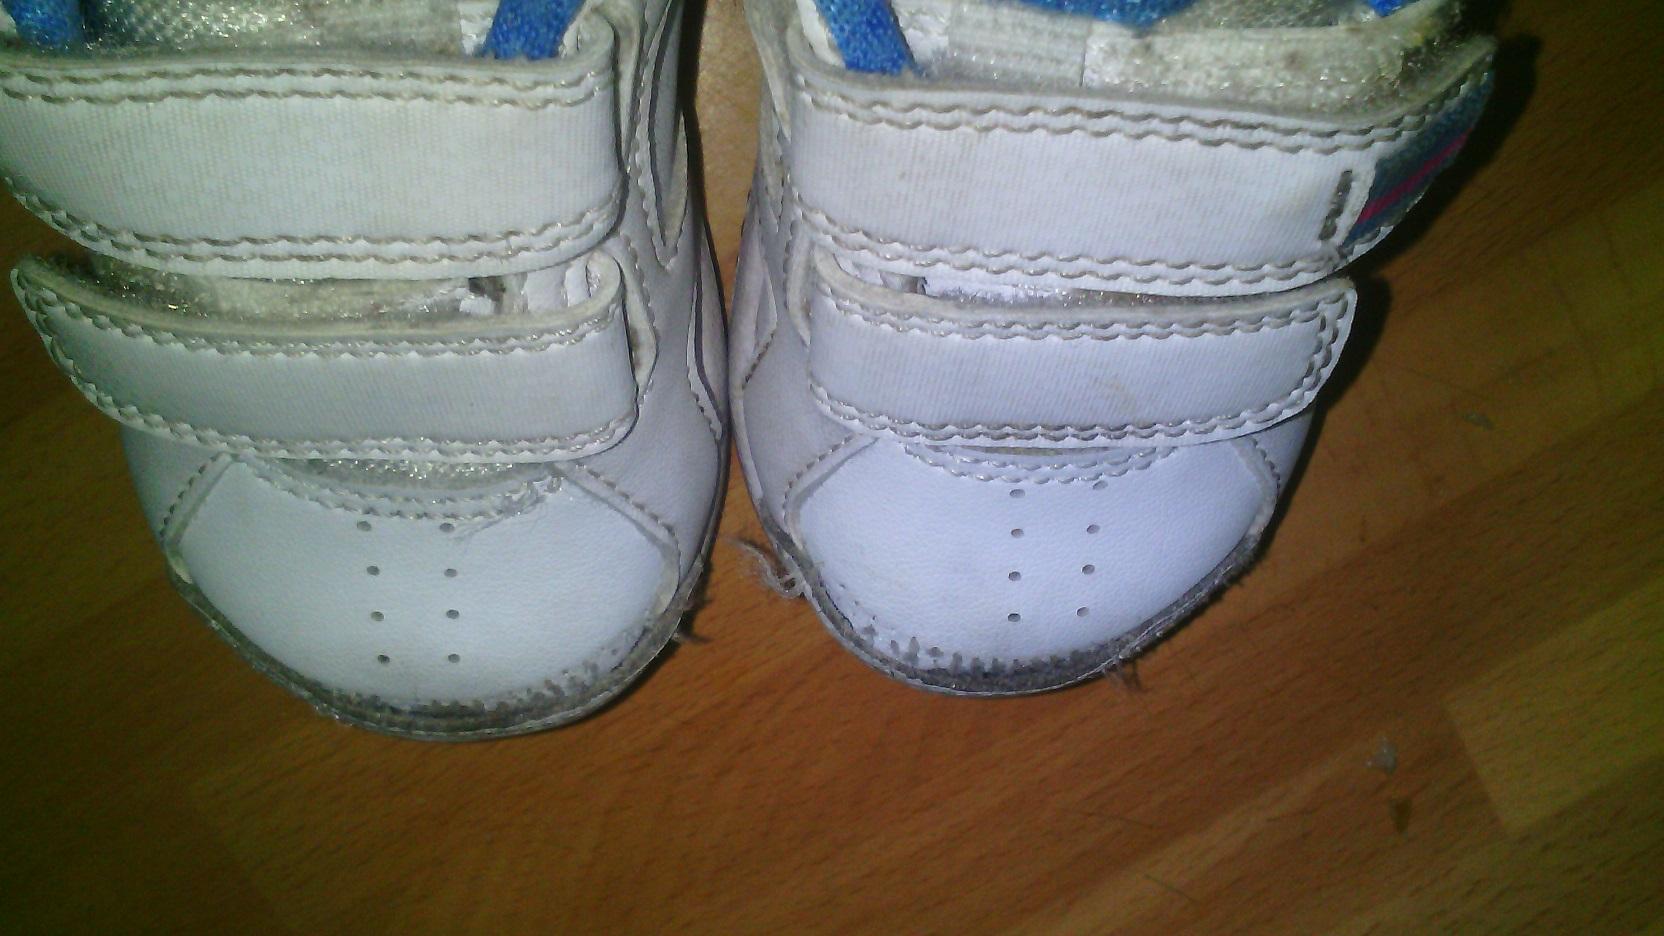 acerca de Adecuado Patriótico  Mi experiencia con las zapatillas Nike para bebés